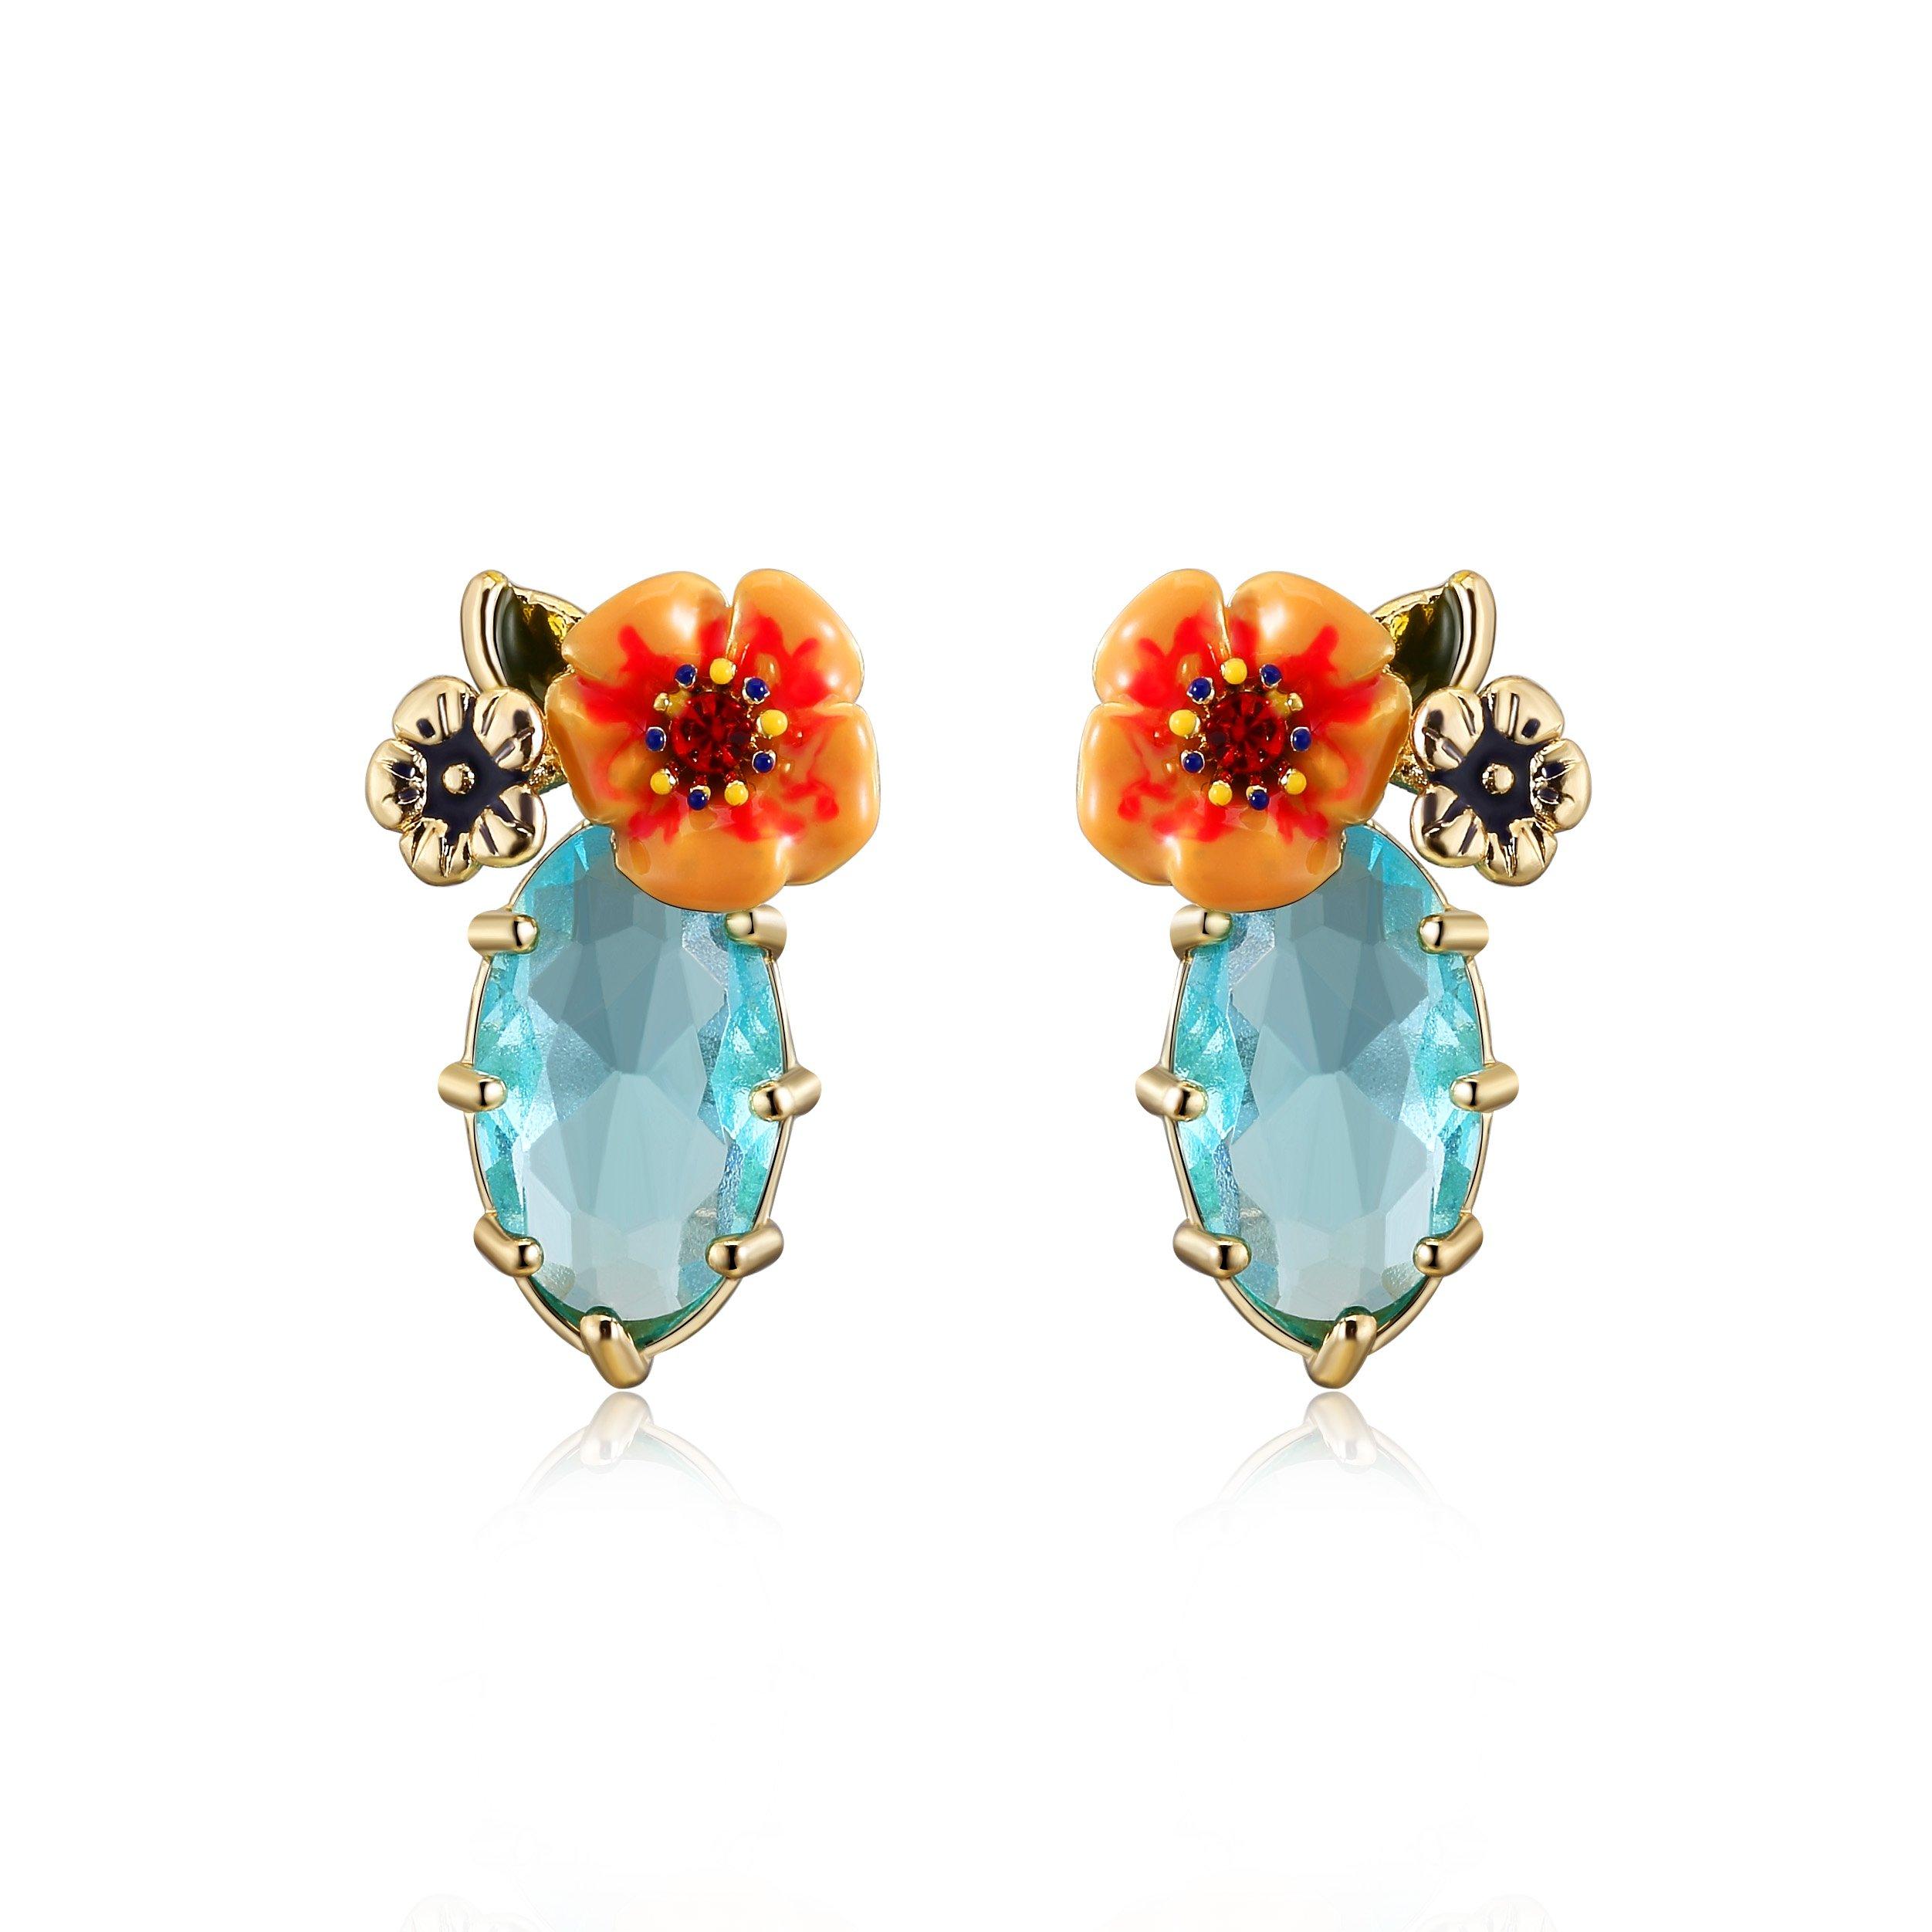 Ellena Rose Dainty Flower Bouquet Earrings, Sky Blue Stud Earrings with Yellow and Orange Flowers (Sky Blue)